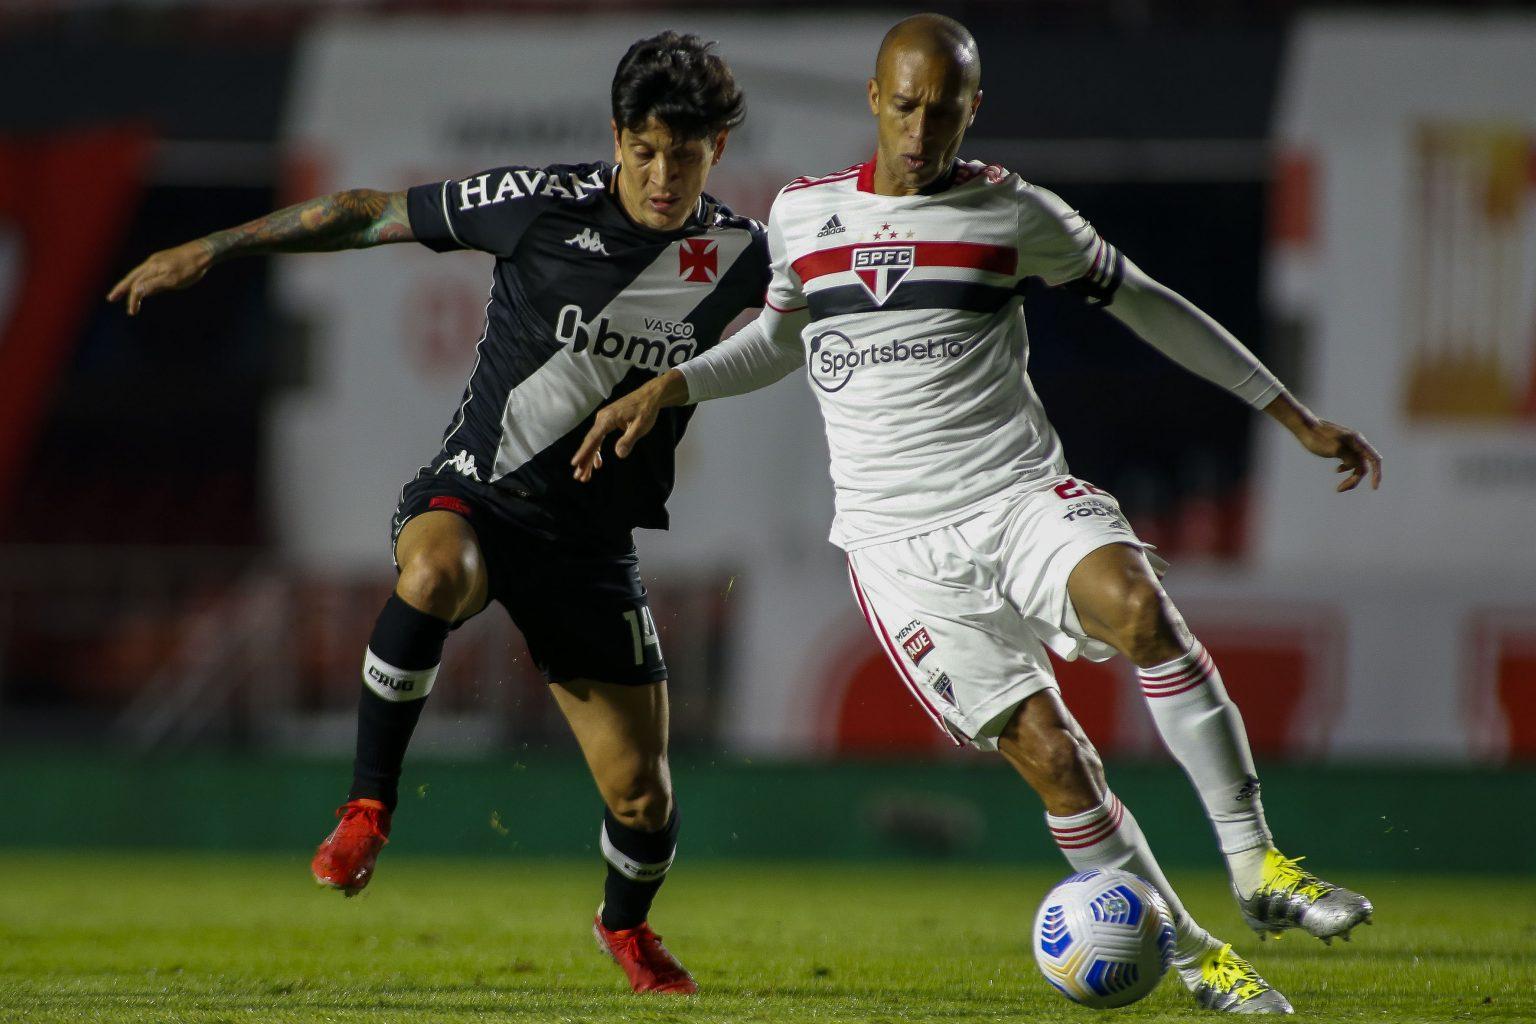 Vasco perde por 2 a 0 para o São Paulo pelo jogo de ida das oitavas de final da Copa do Brasil